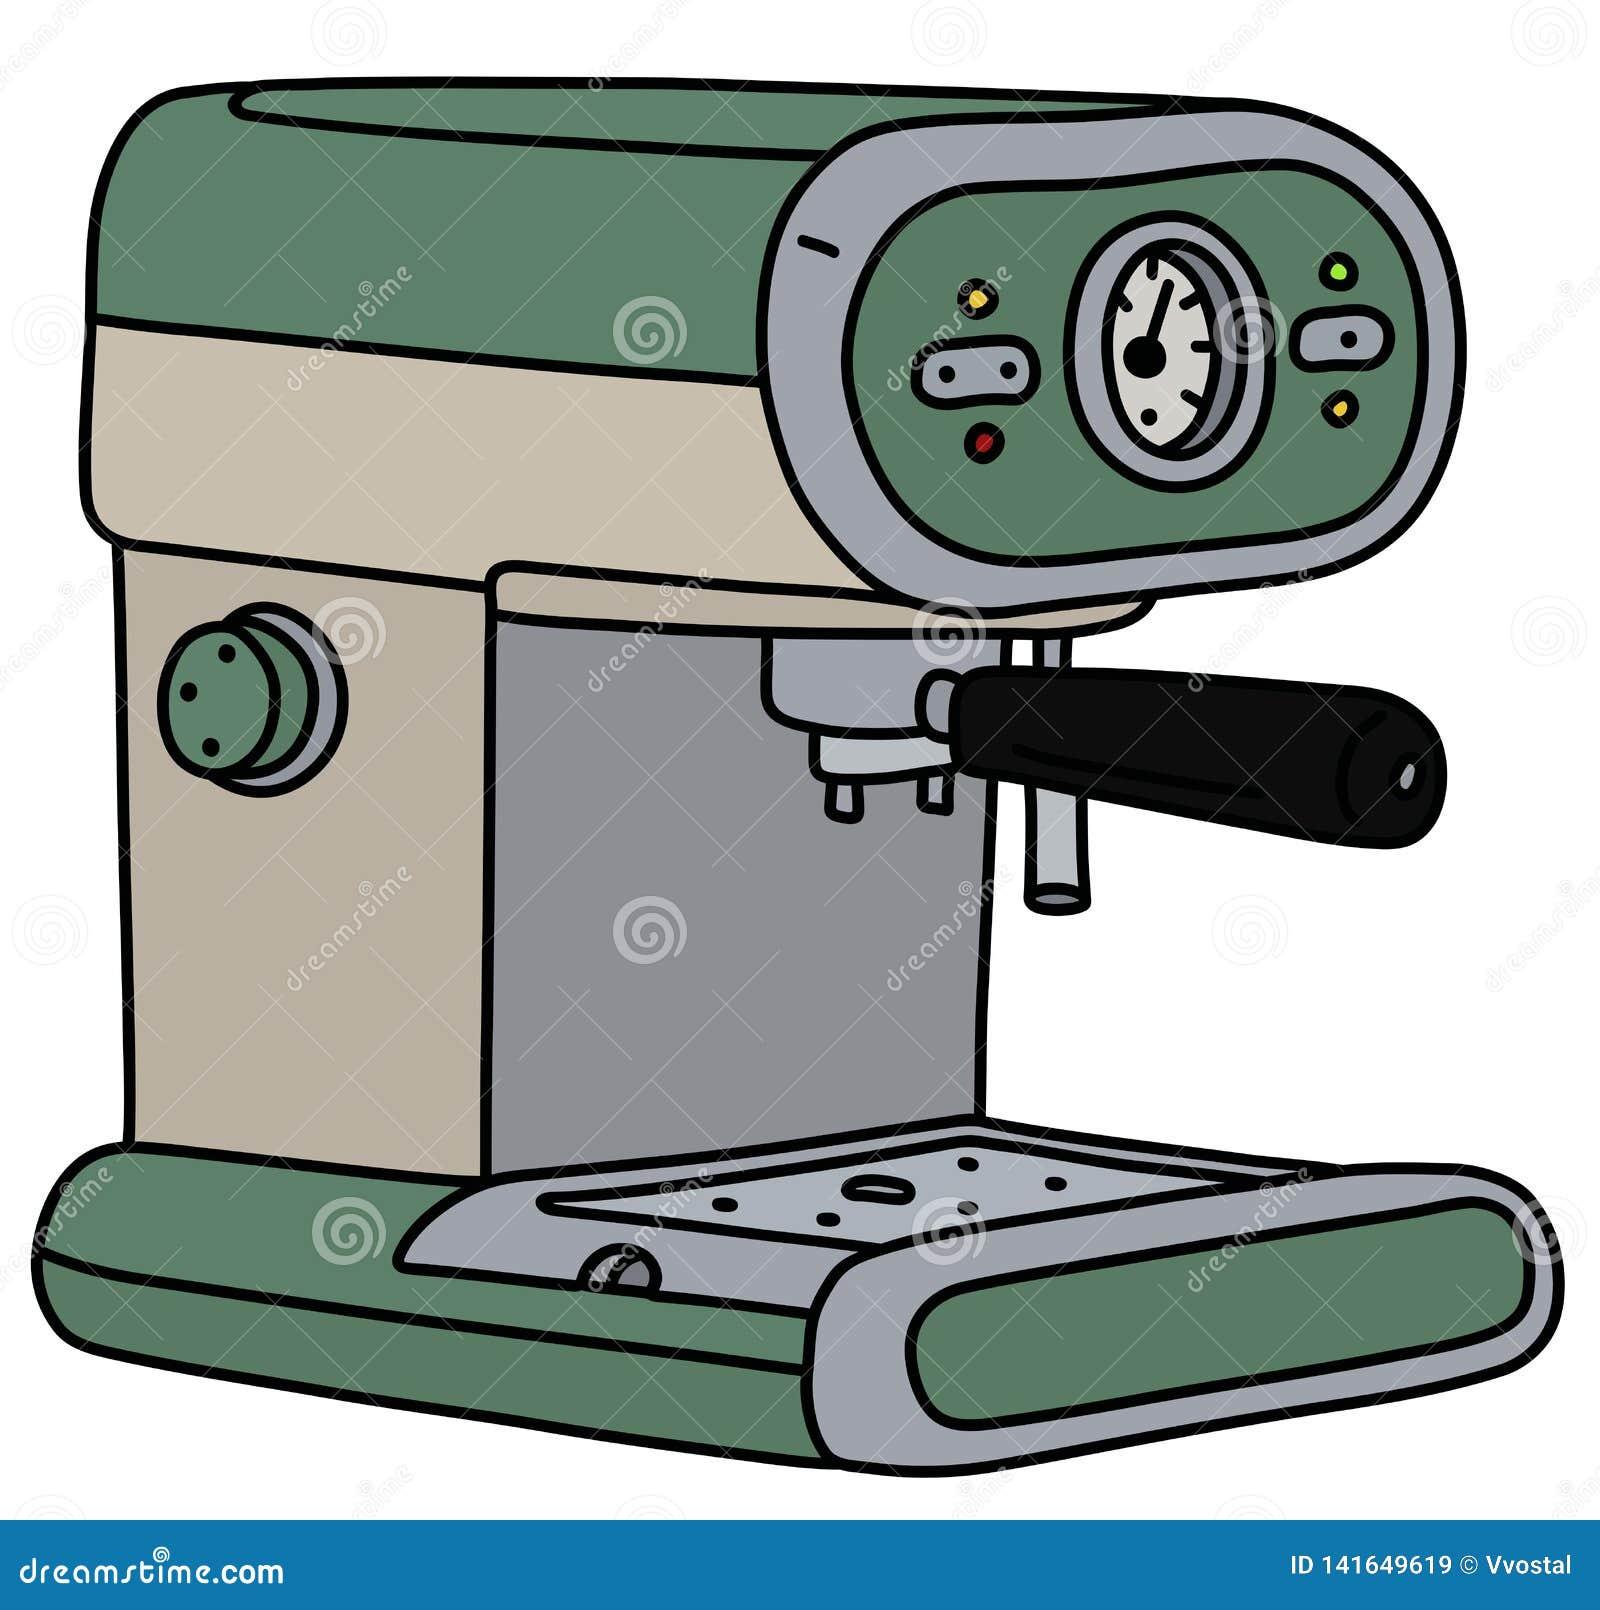 The retro green electric espresso maker